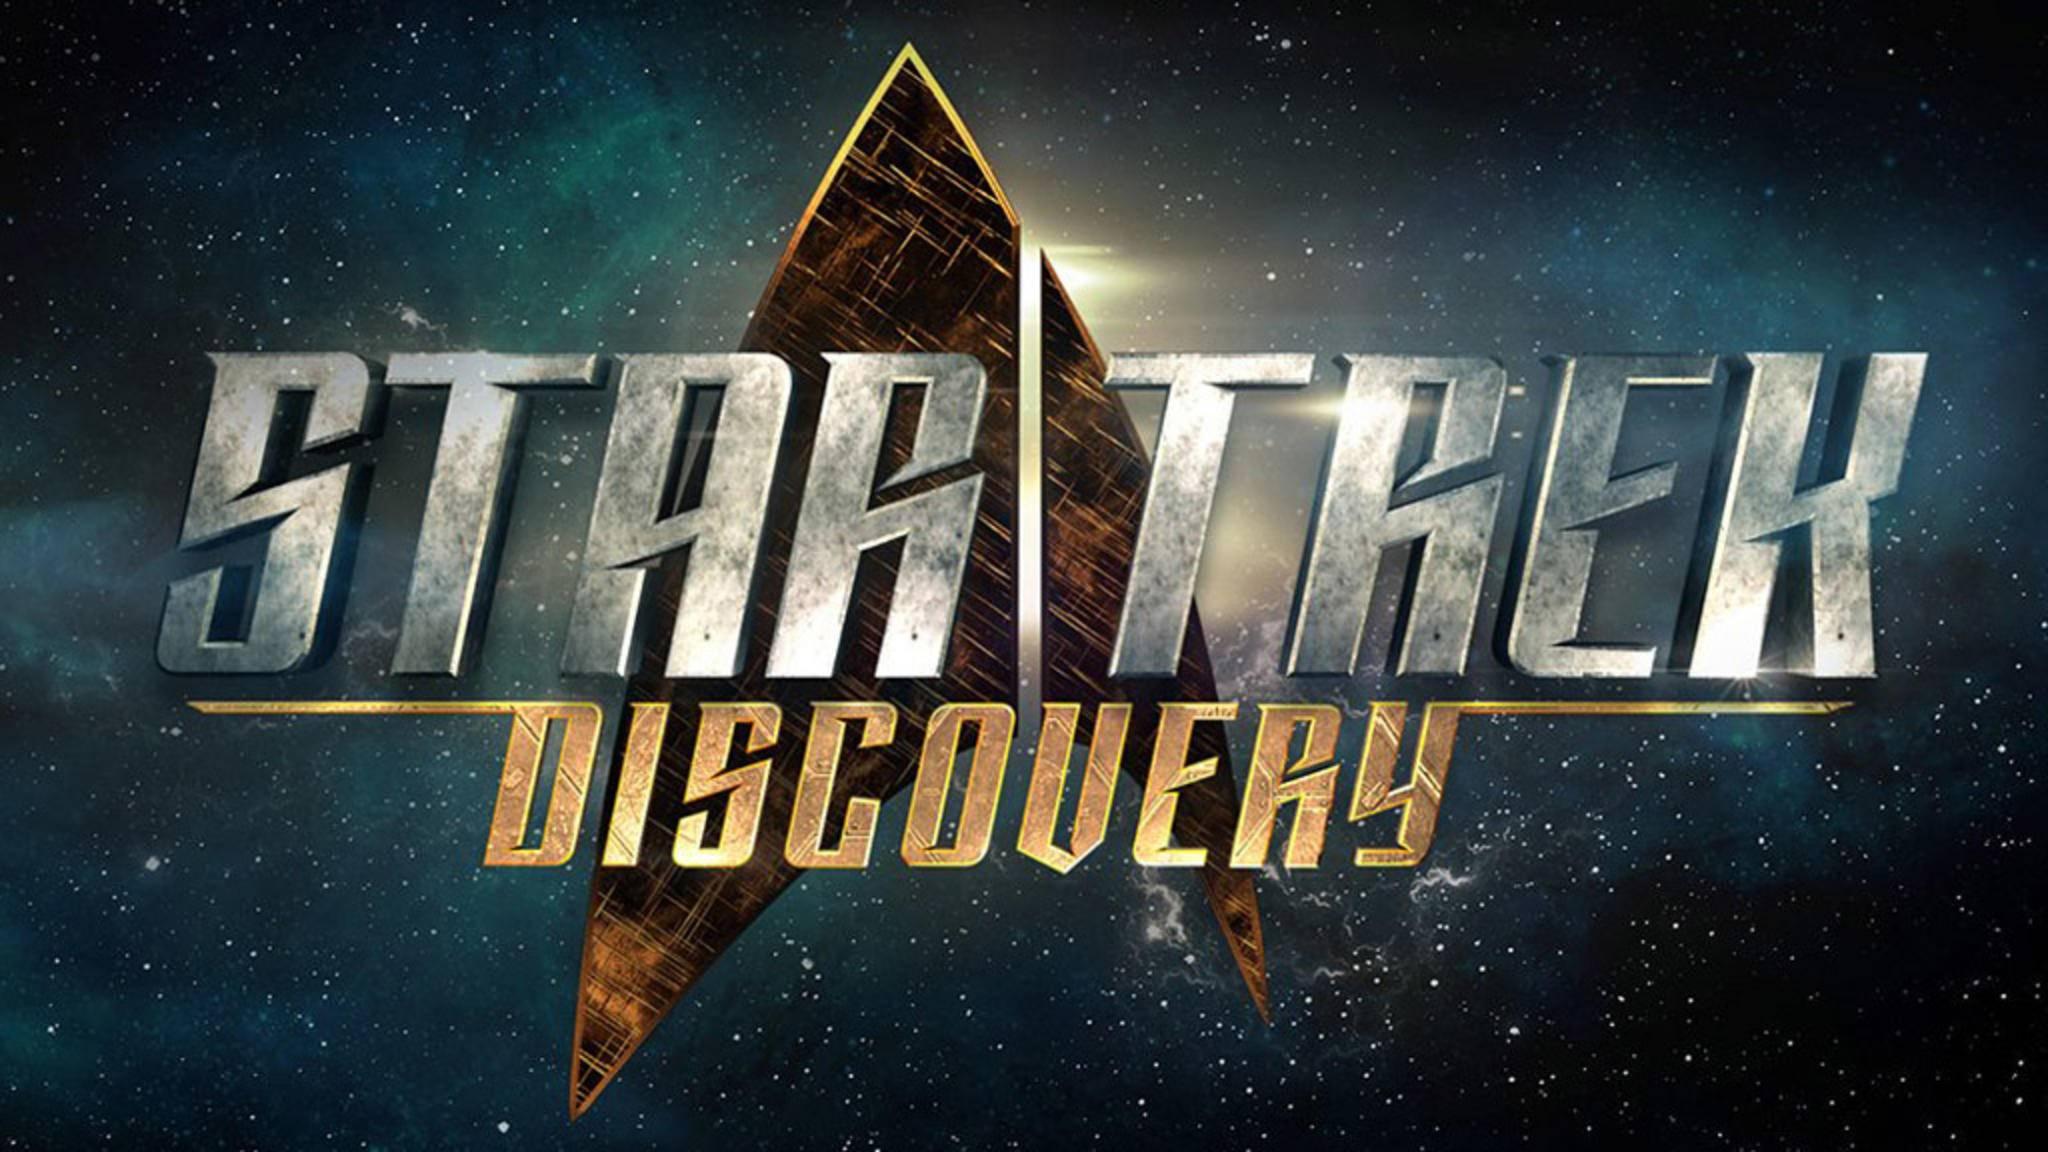 """Auch das Logo der neuen Serie """"Star Trek: Discovery"""" zeigt das Symbol der Sternenflotte: eine stilisierte Pfeilspitze."""